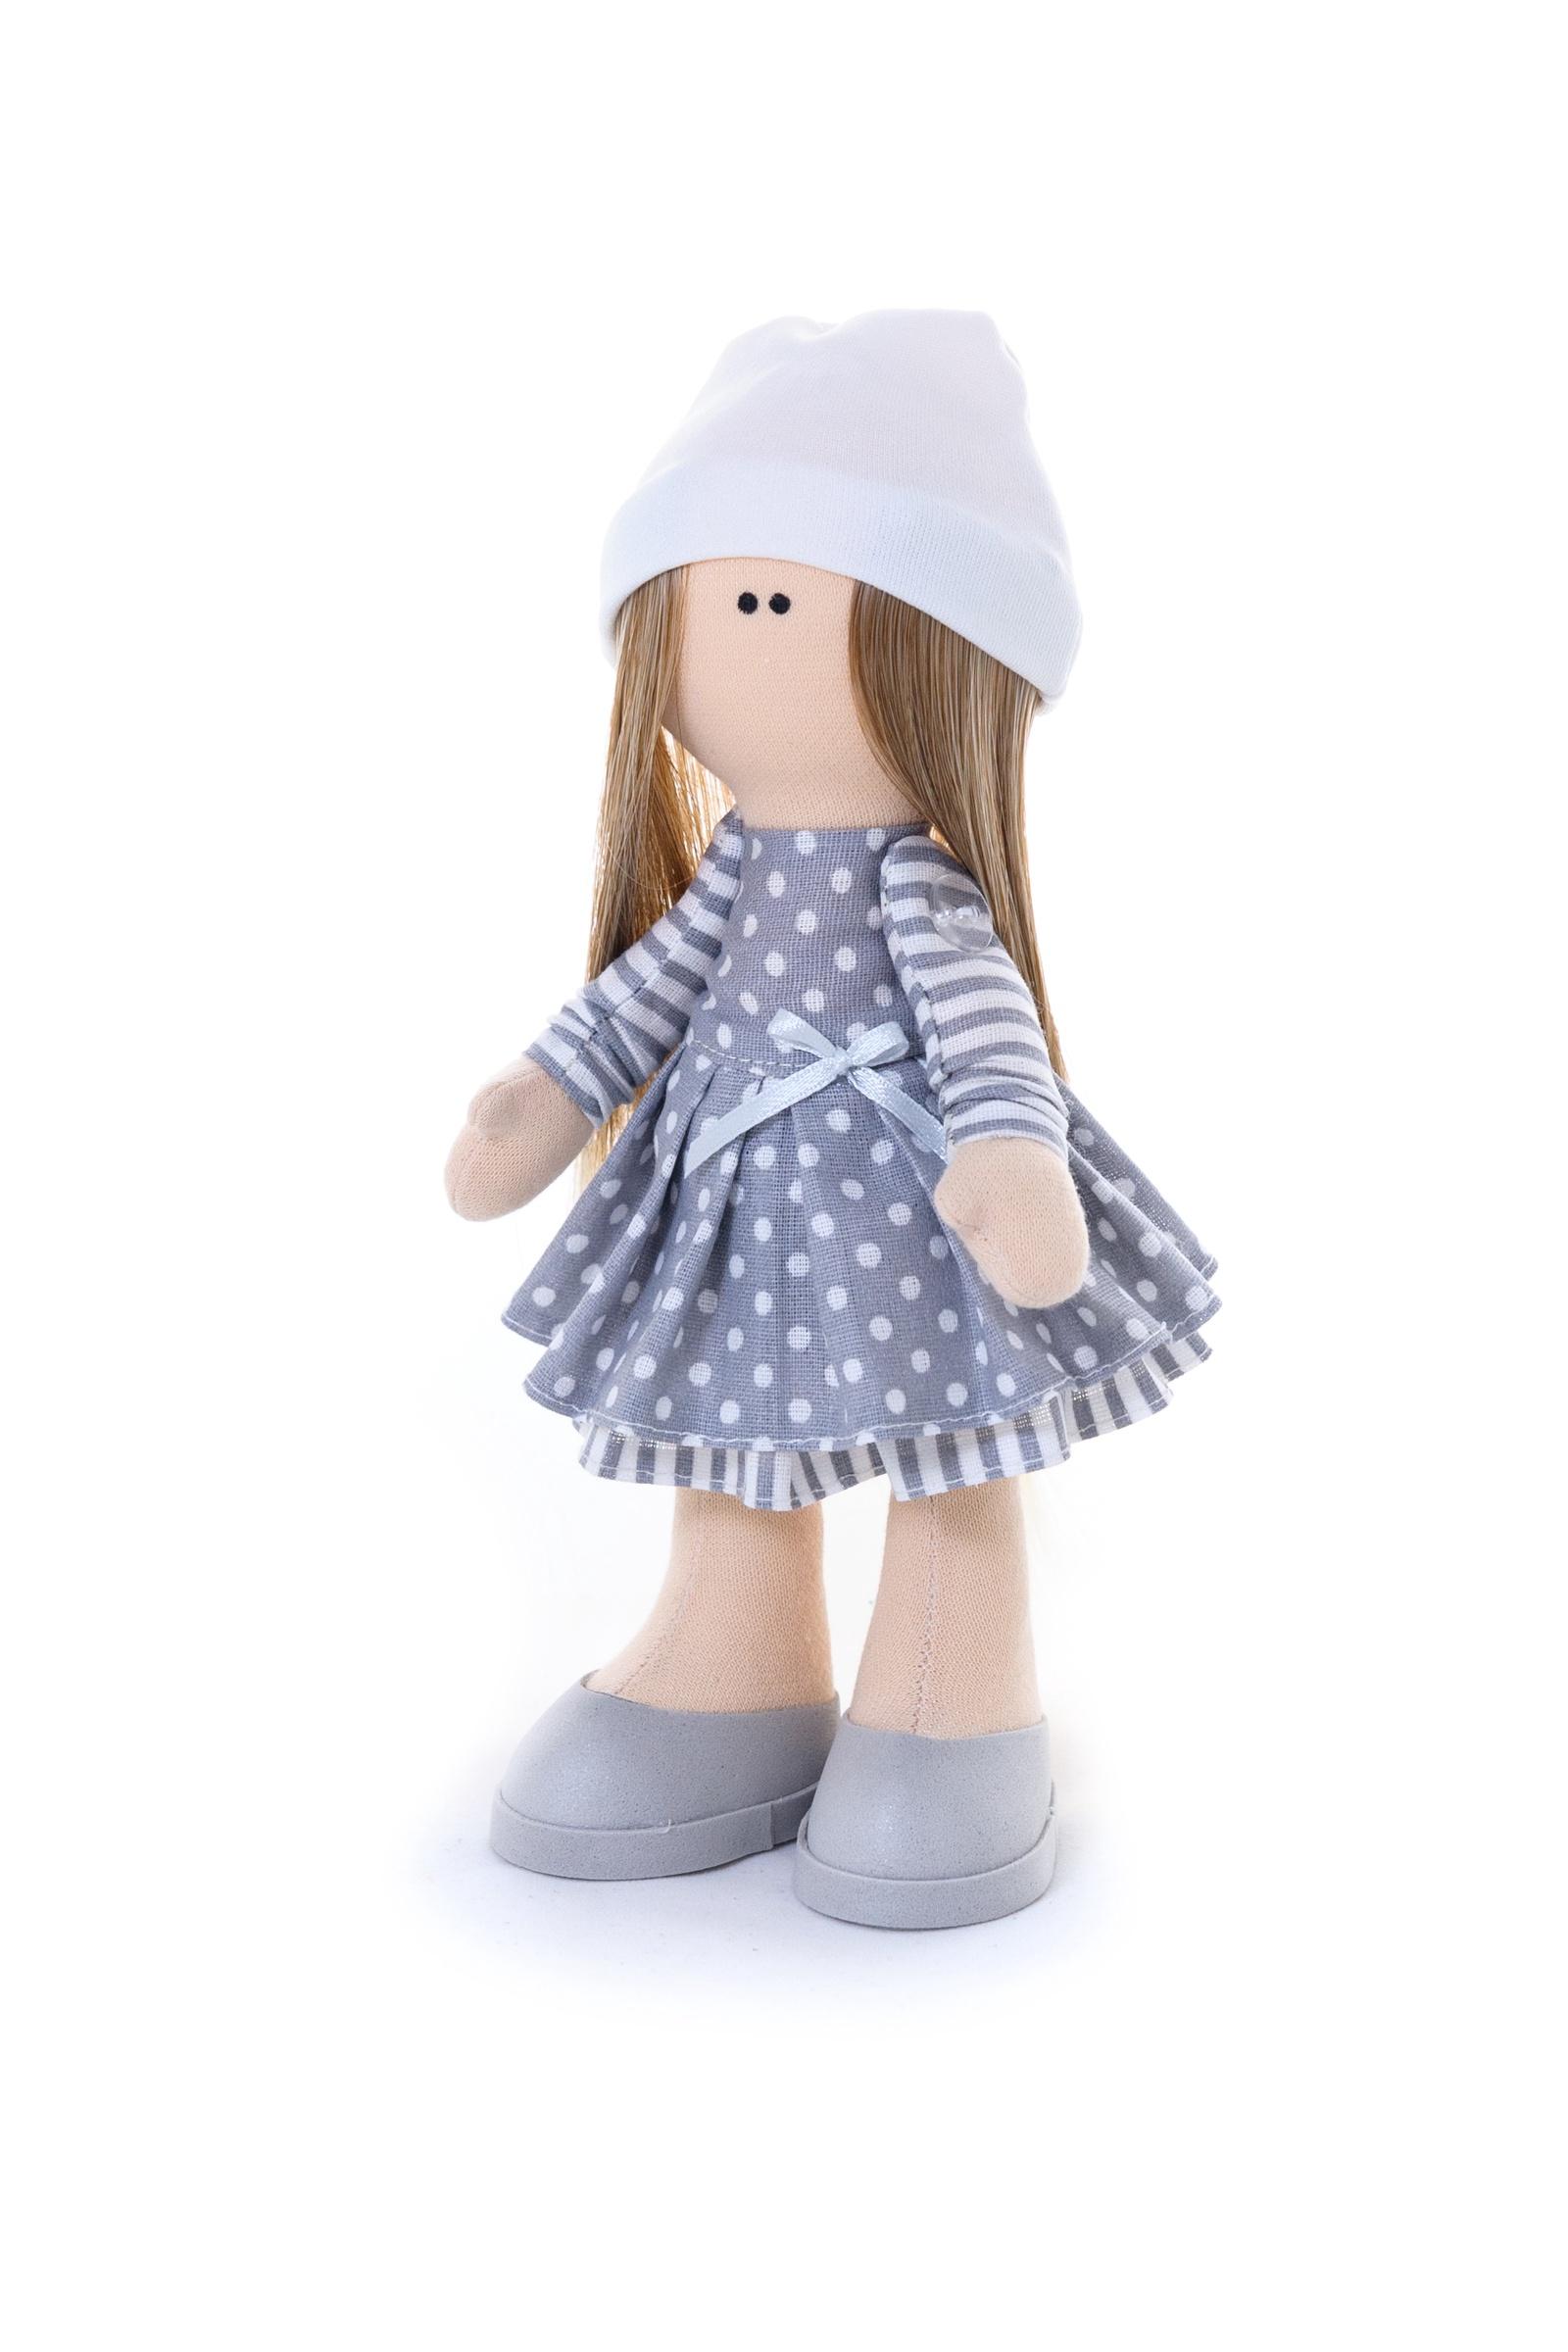 Набор для изготовления игрушки Кукольная фея М–4.3М–4.3Куколка с красивым именем Люся в легком платьице из фатина, украшенном ажурным кружевом и атласной лентой понравится каждой юной барышне и станет ее лучшей подругой! Высота куклы - 22 см. В набор для творчества входят все необходимые материалы для создания куклы, выкройки и материал для шитья нарядов, иллюстрированный мастер-класс. Так же вам потребуется наполнитель (100 г) и пенопластовый шар диаметром 6 см для головы.